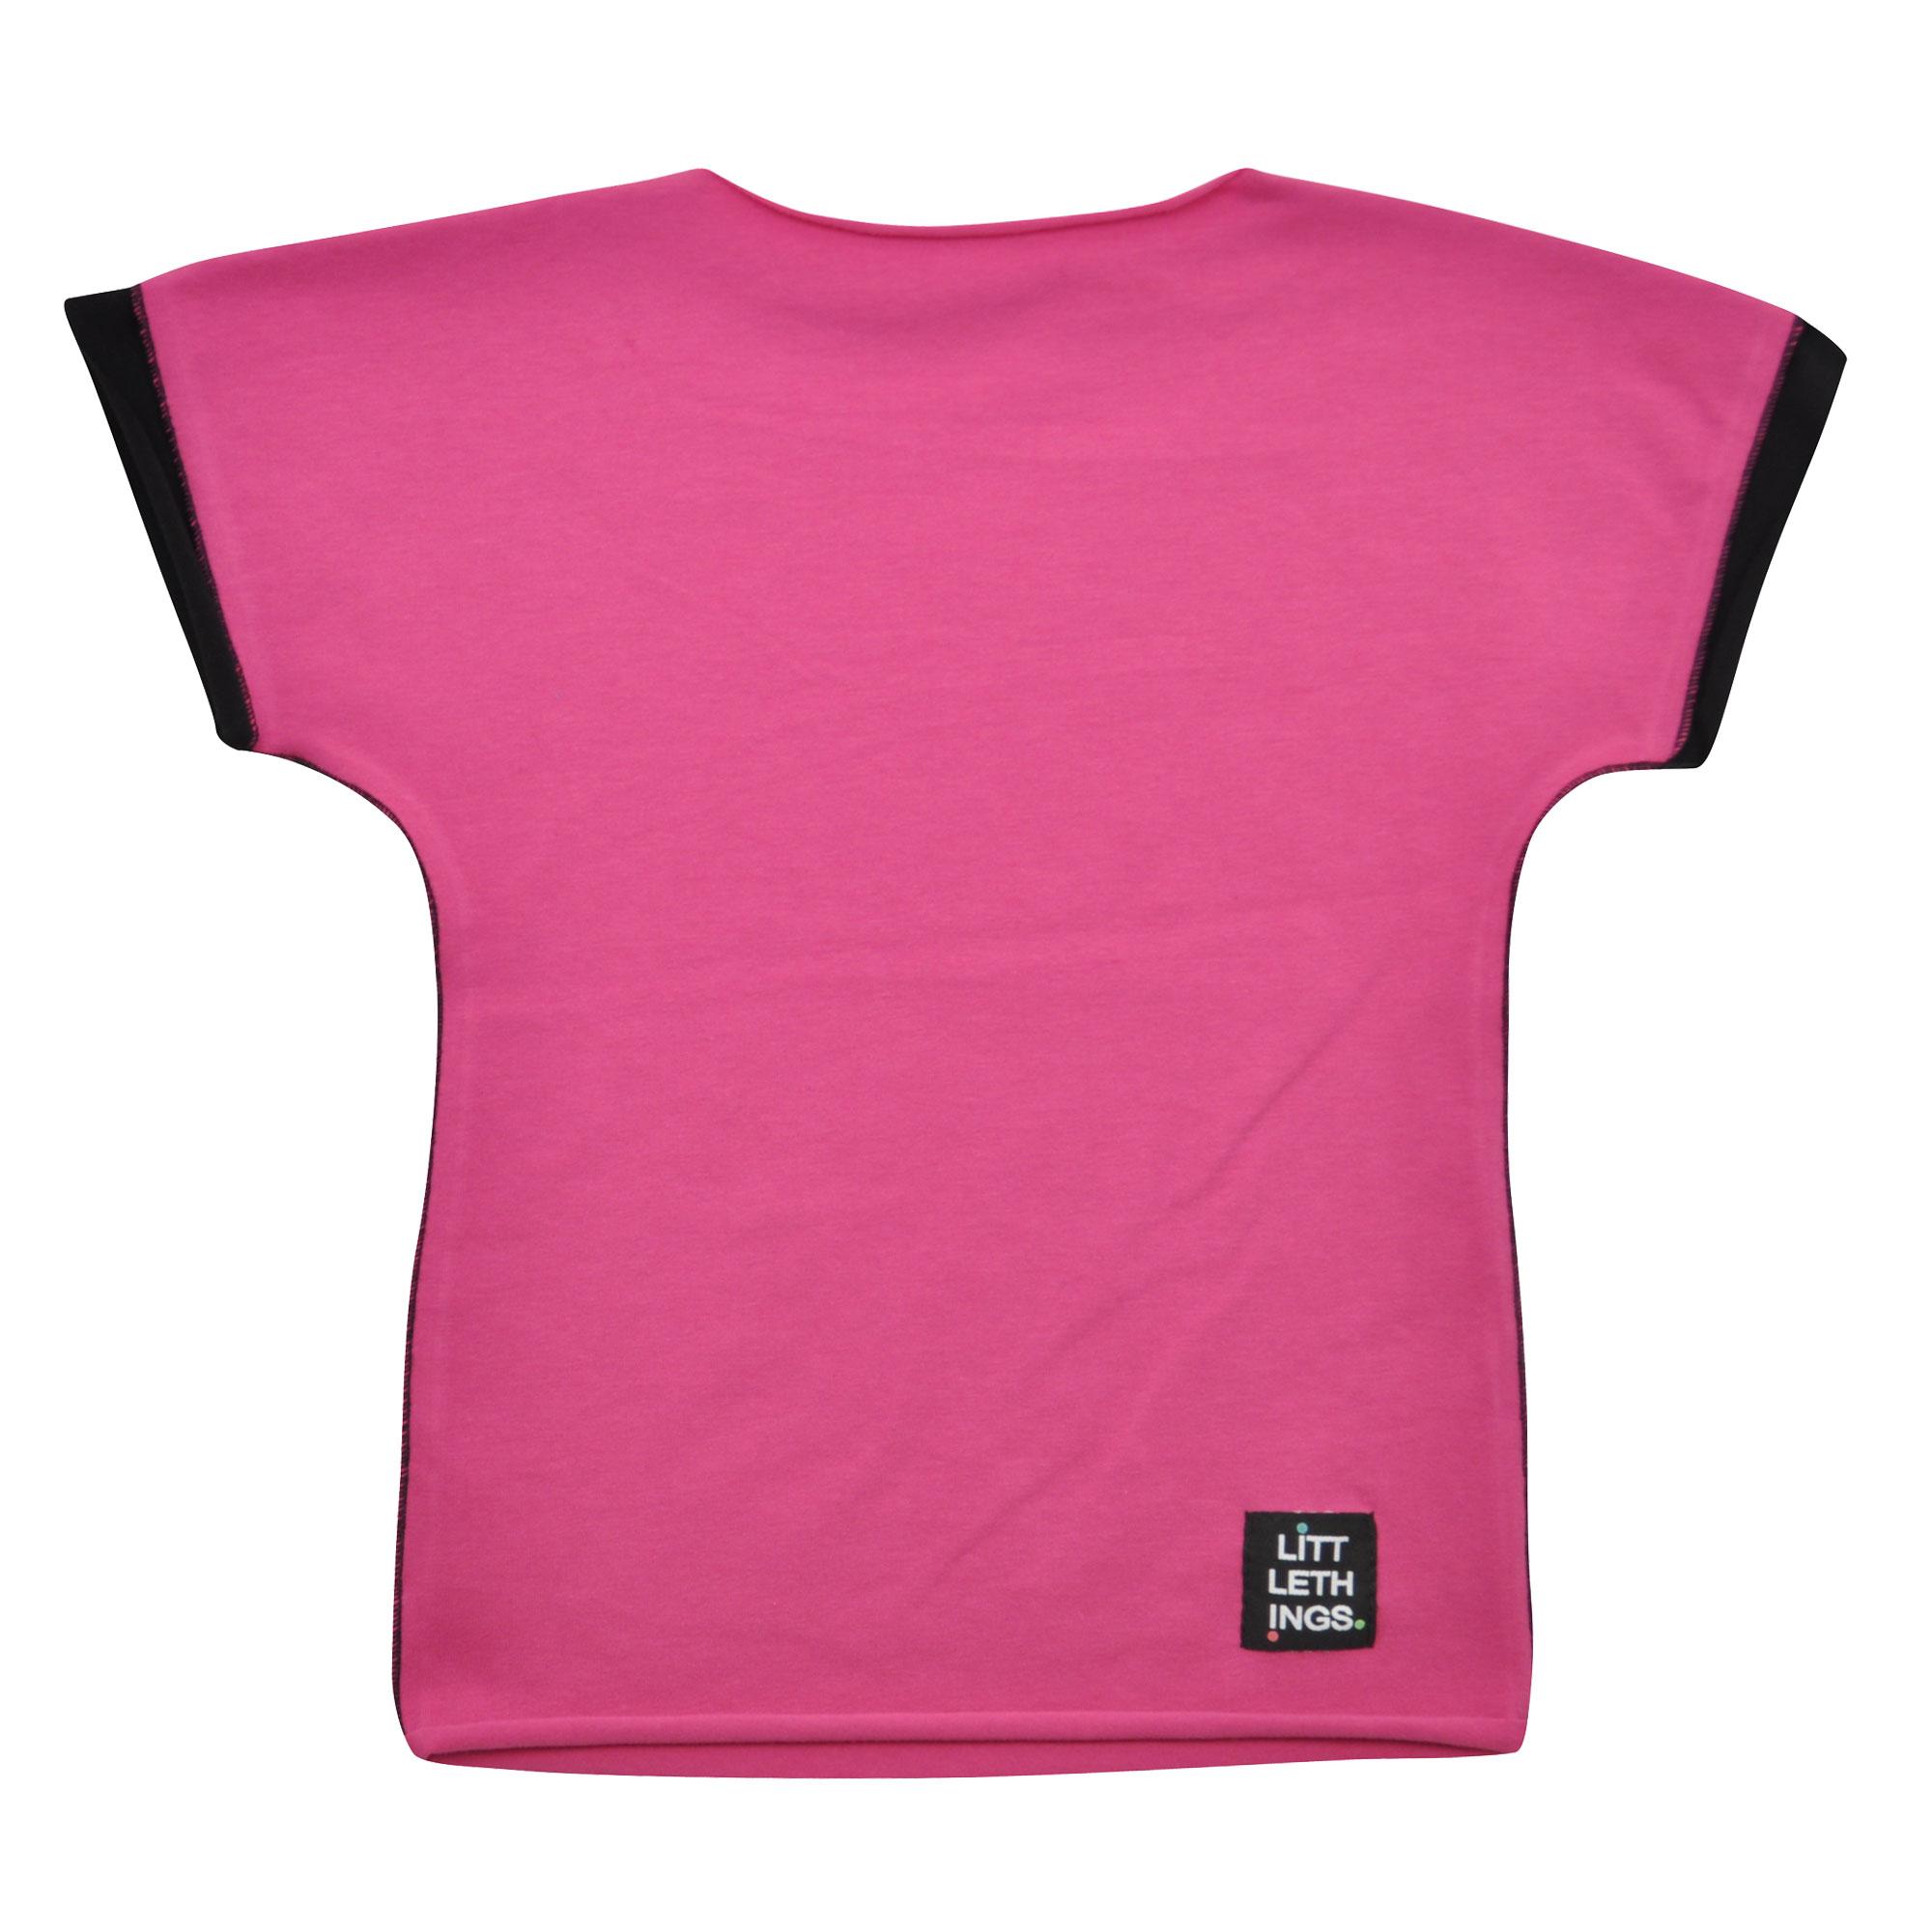 5e93b25c544 růžovofialové tričko s krátkým rukávem